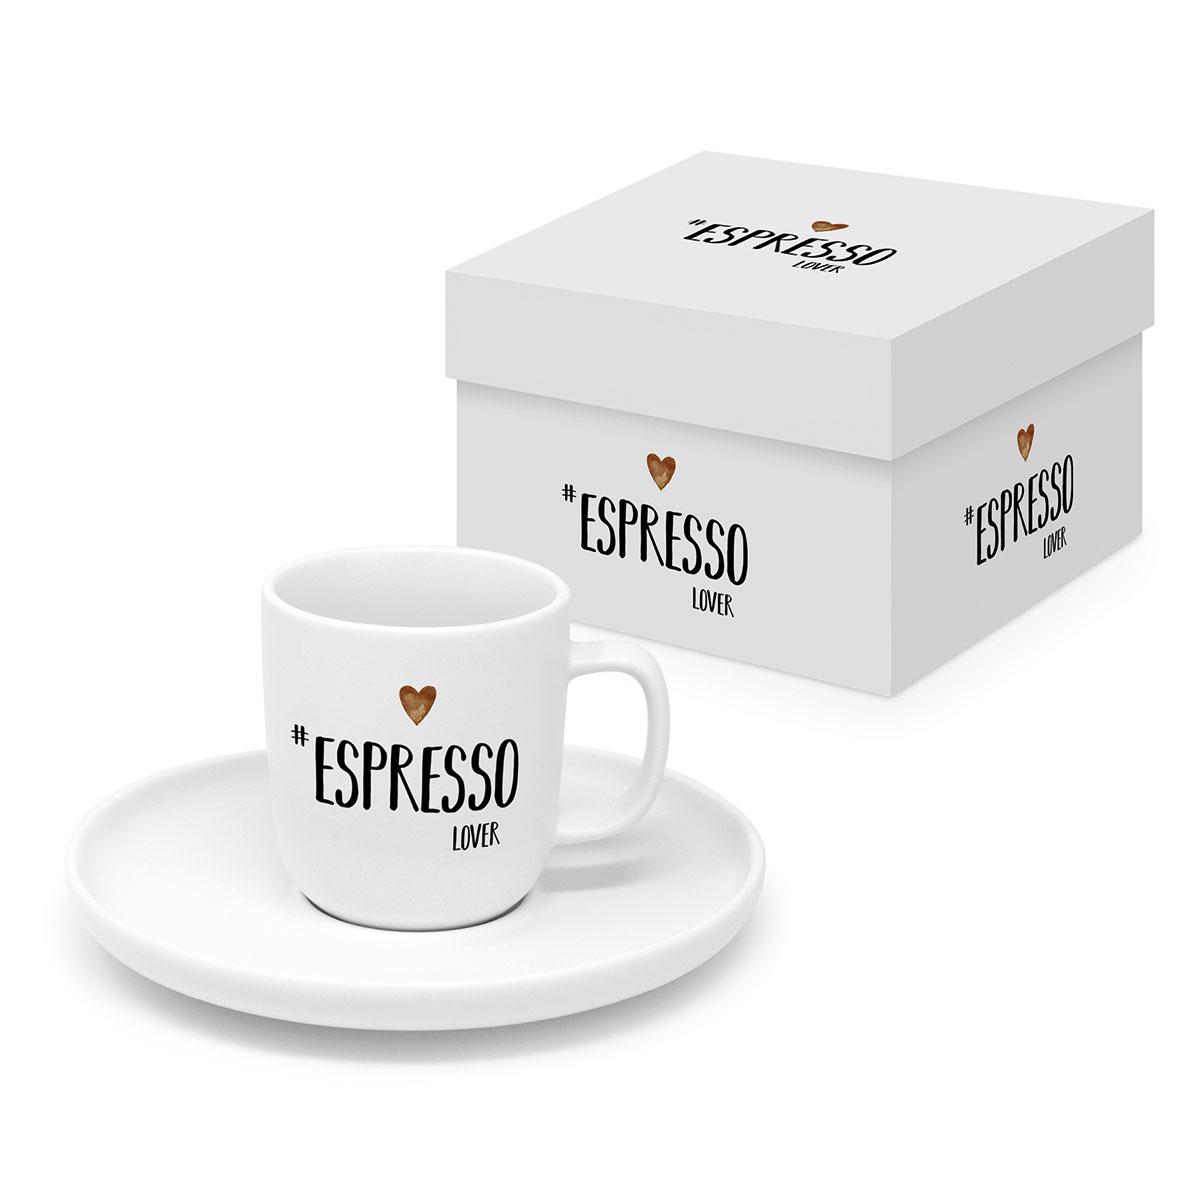 Espresso Lover white Matte Espresso